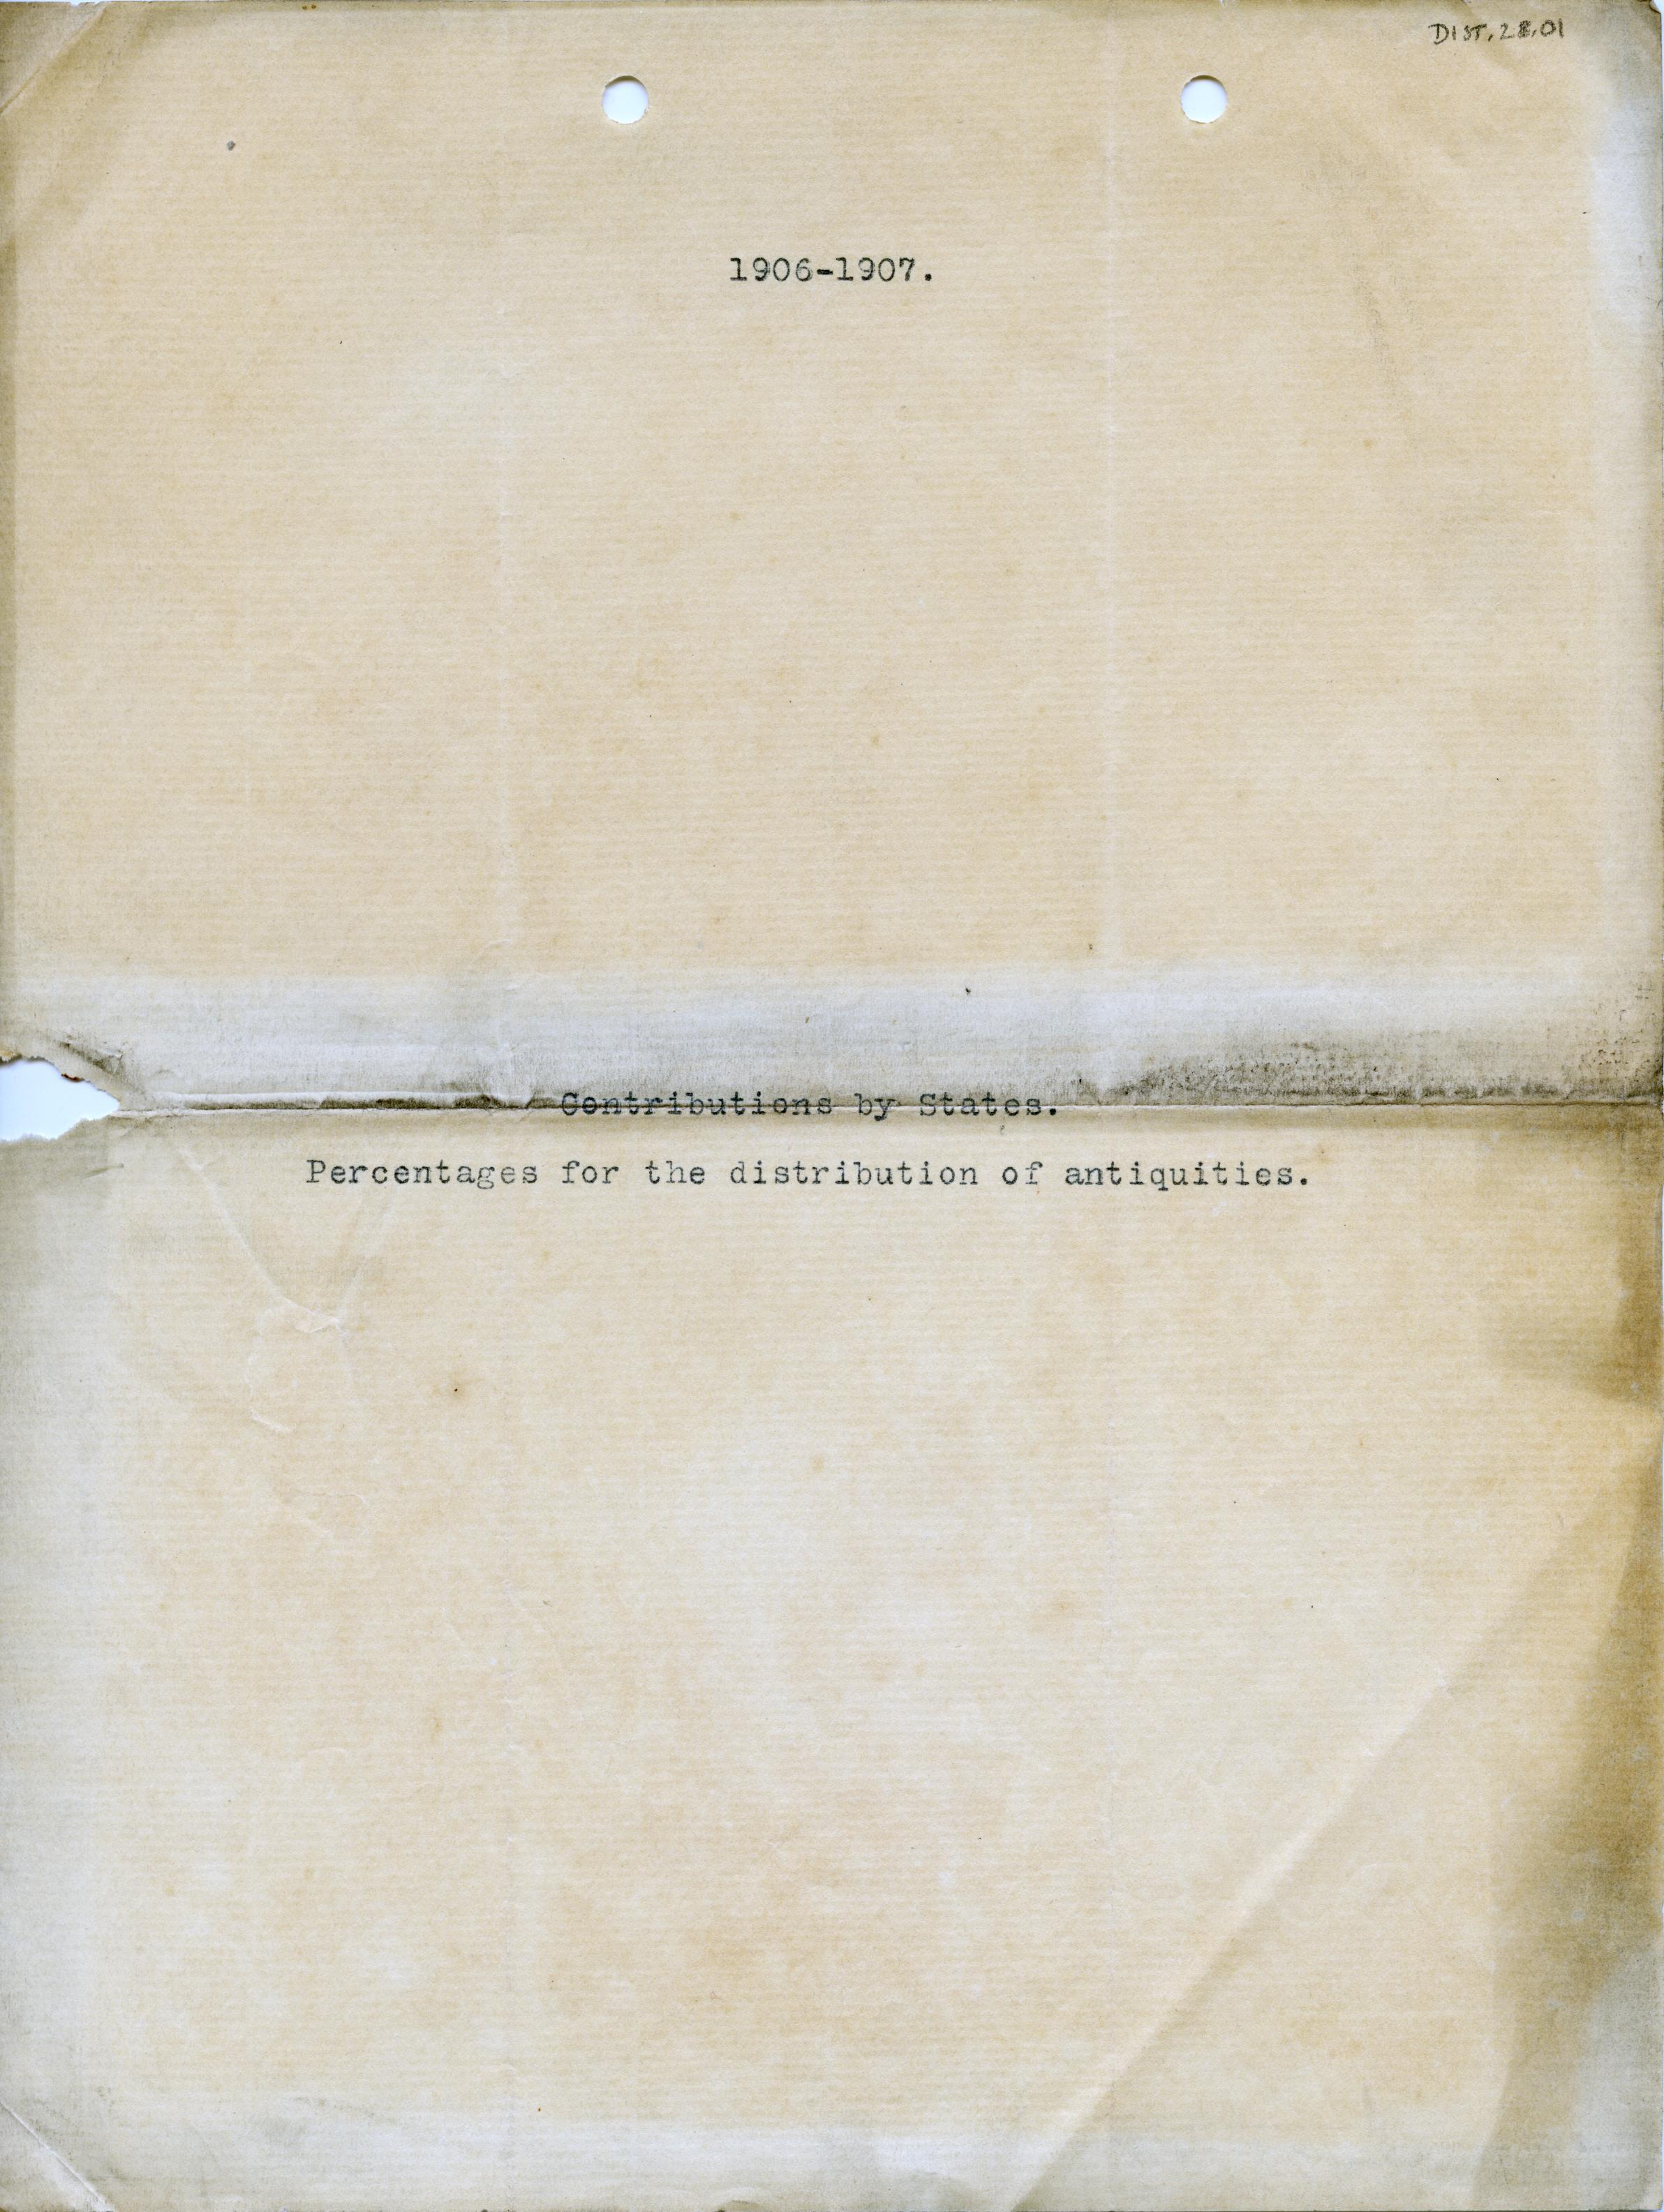 1906-07 Deir el-Bahri, Oxyrhynchus, Ihnasya DIST.28.01a